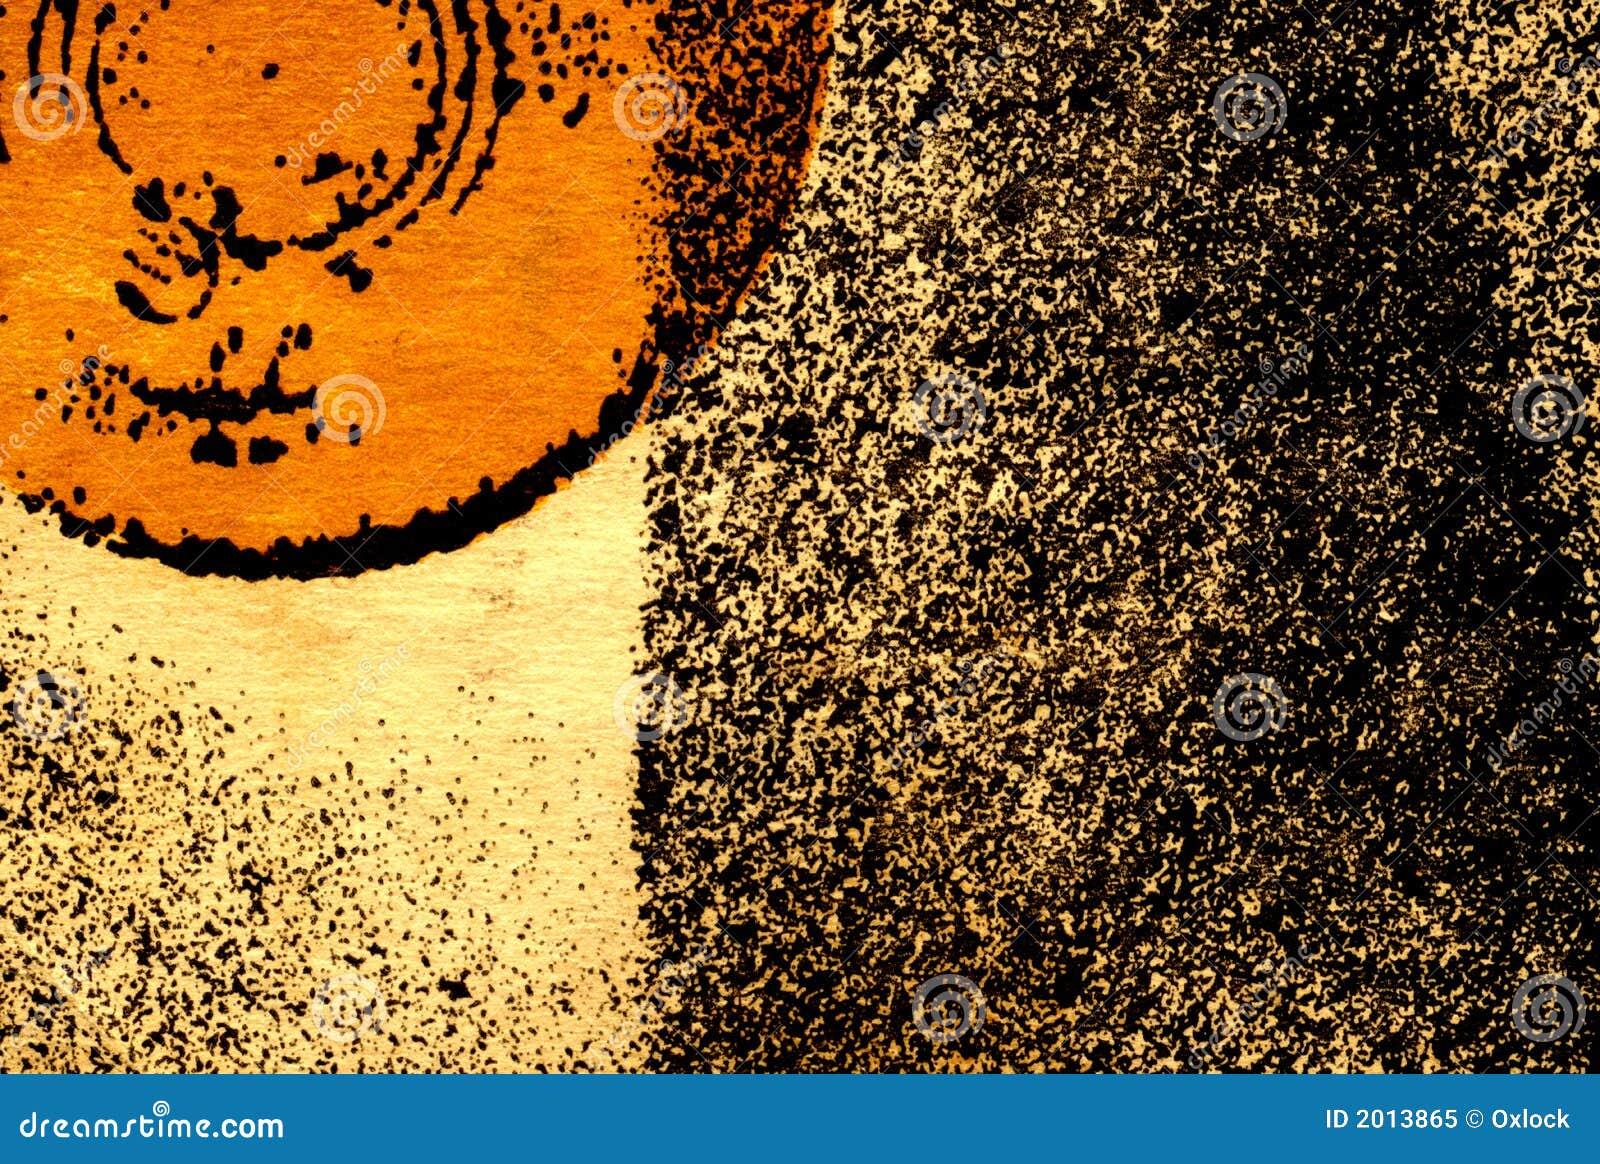 Fondo abstracto con el círculo anaranjado parcial